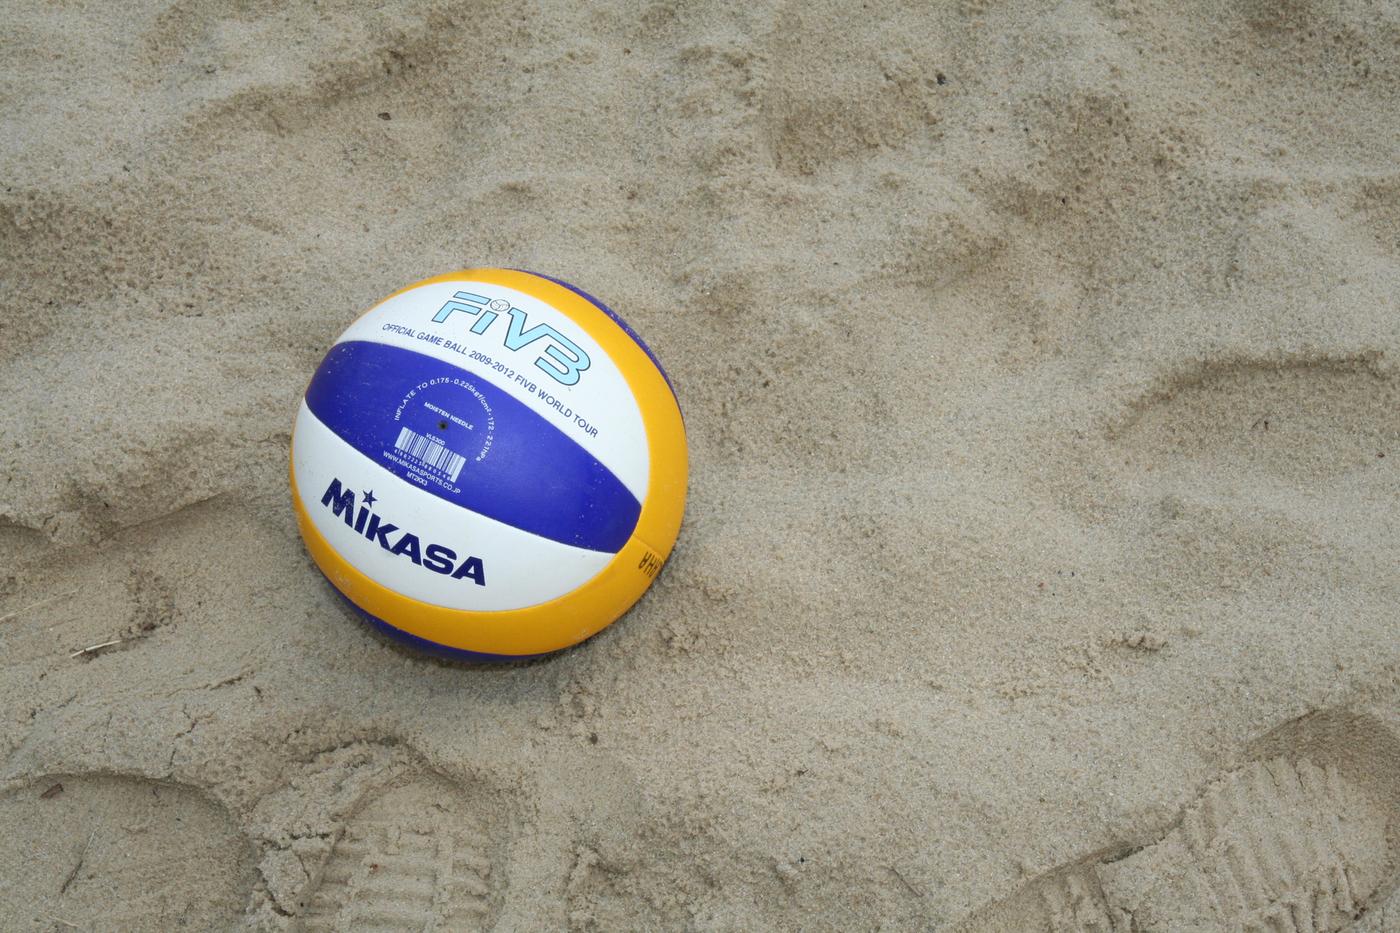 Volleyball liegt im Sand